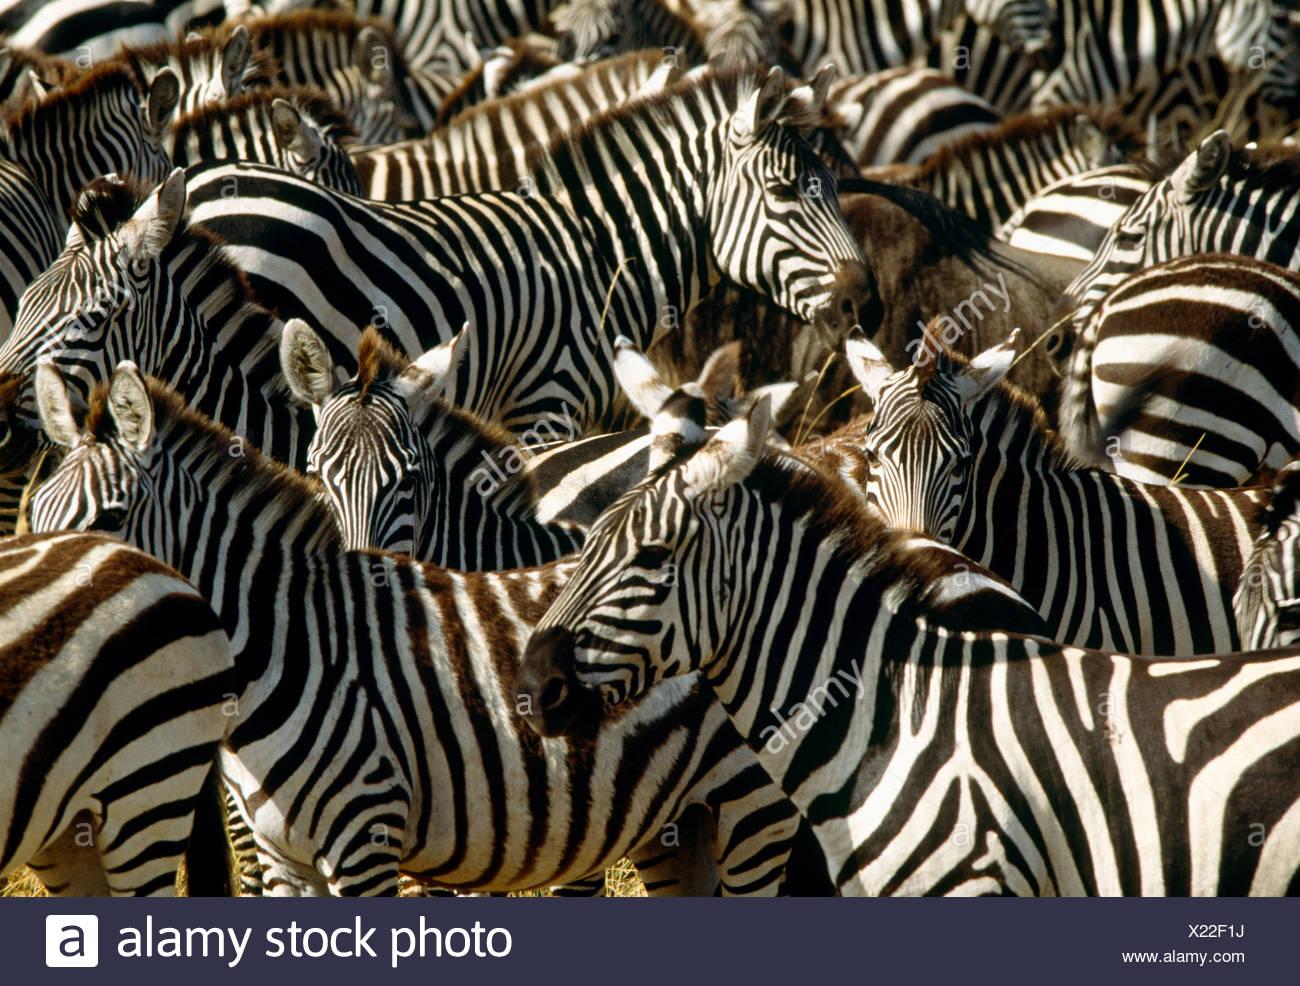 Grant's zebra la migración masiva, la Reserva Nacional de Masai Mara, Kenya Imagen De Stock